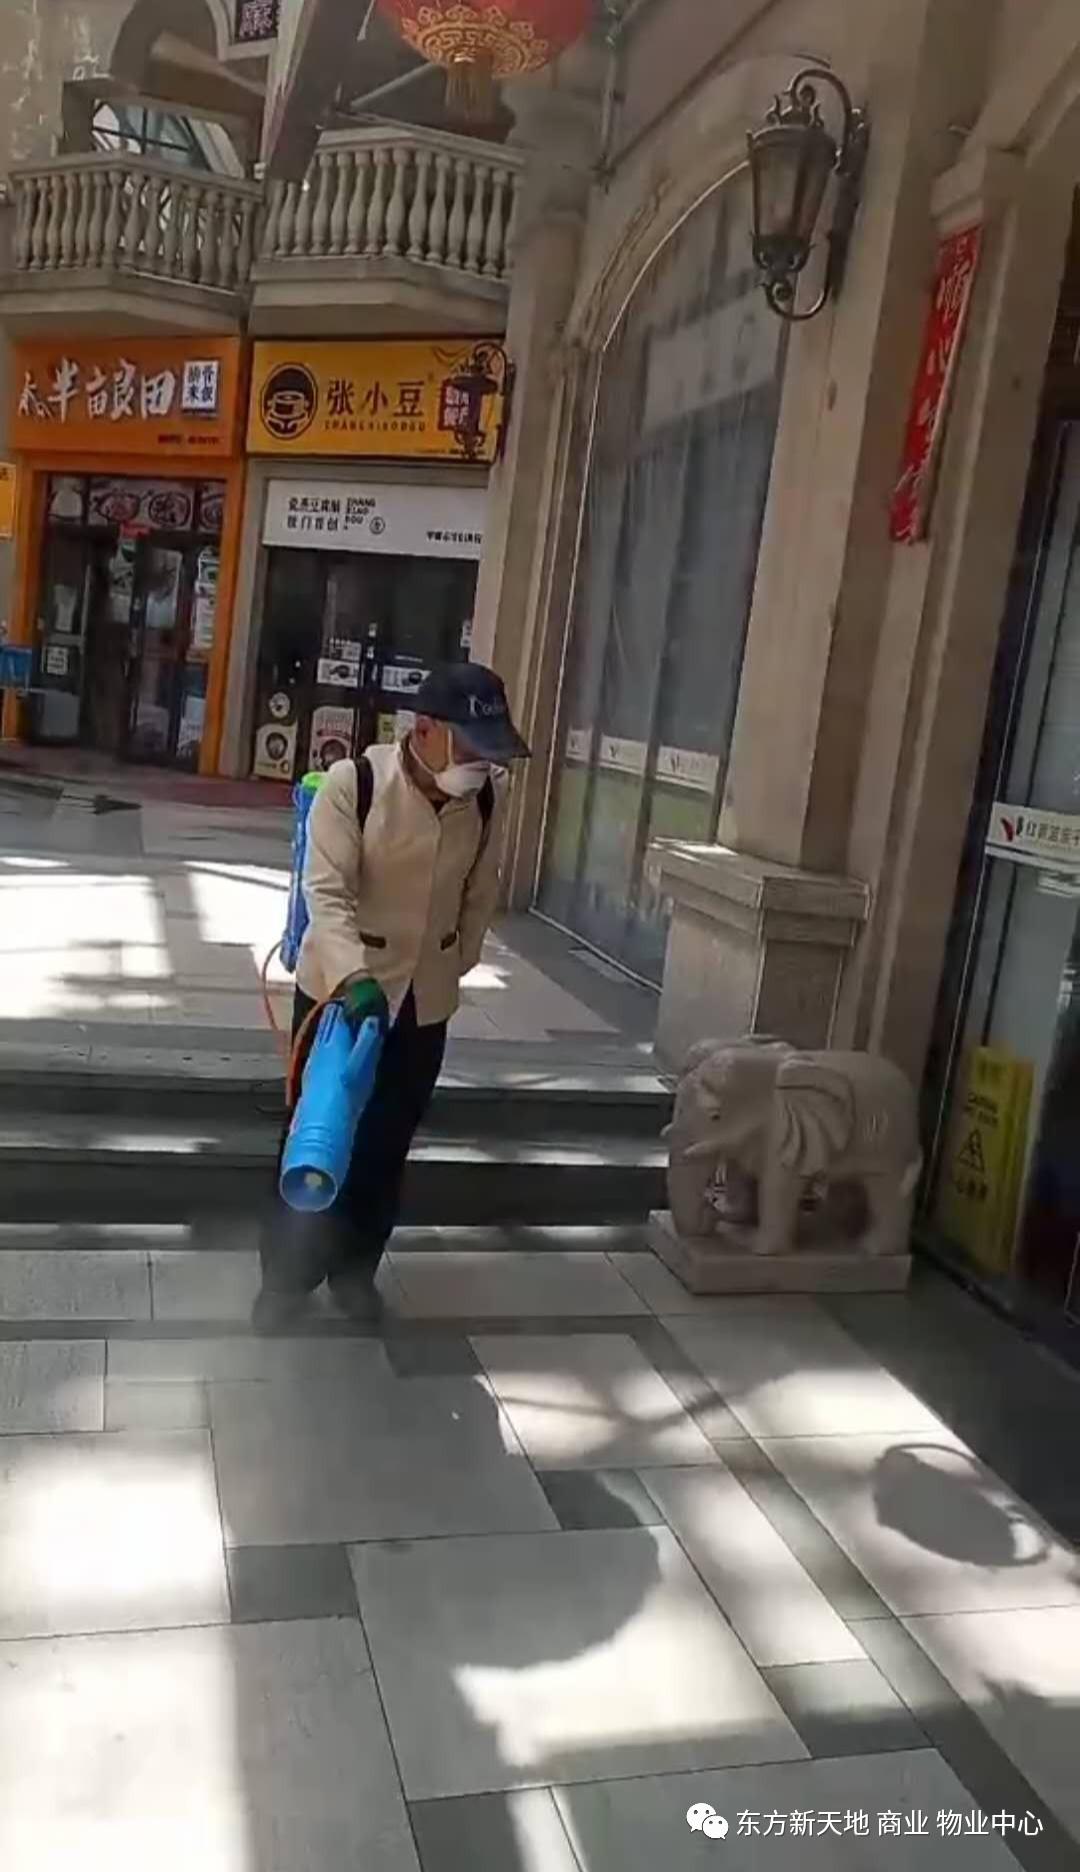 东方新天地(商业)疫情反馈